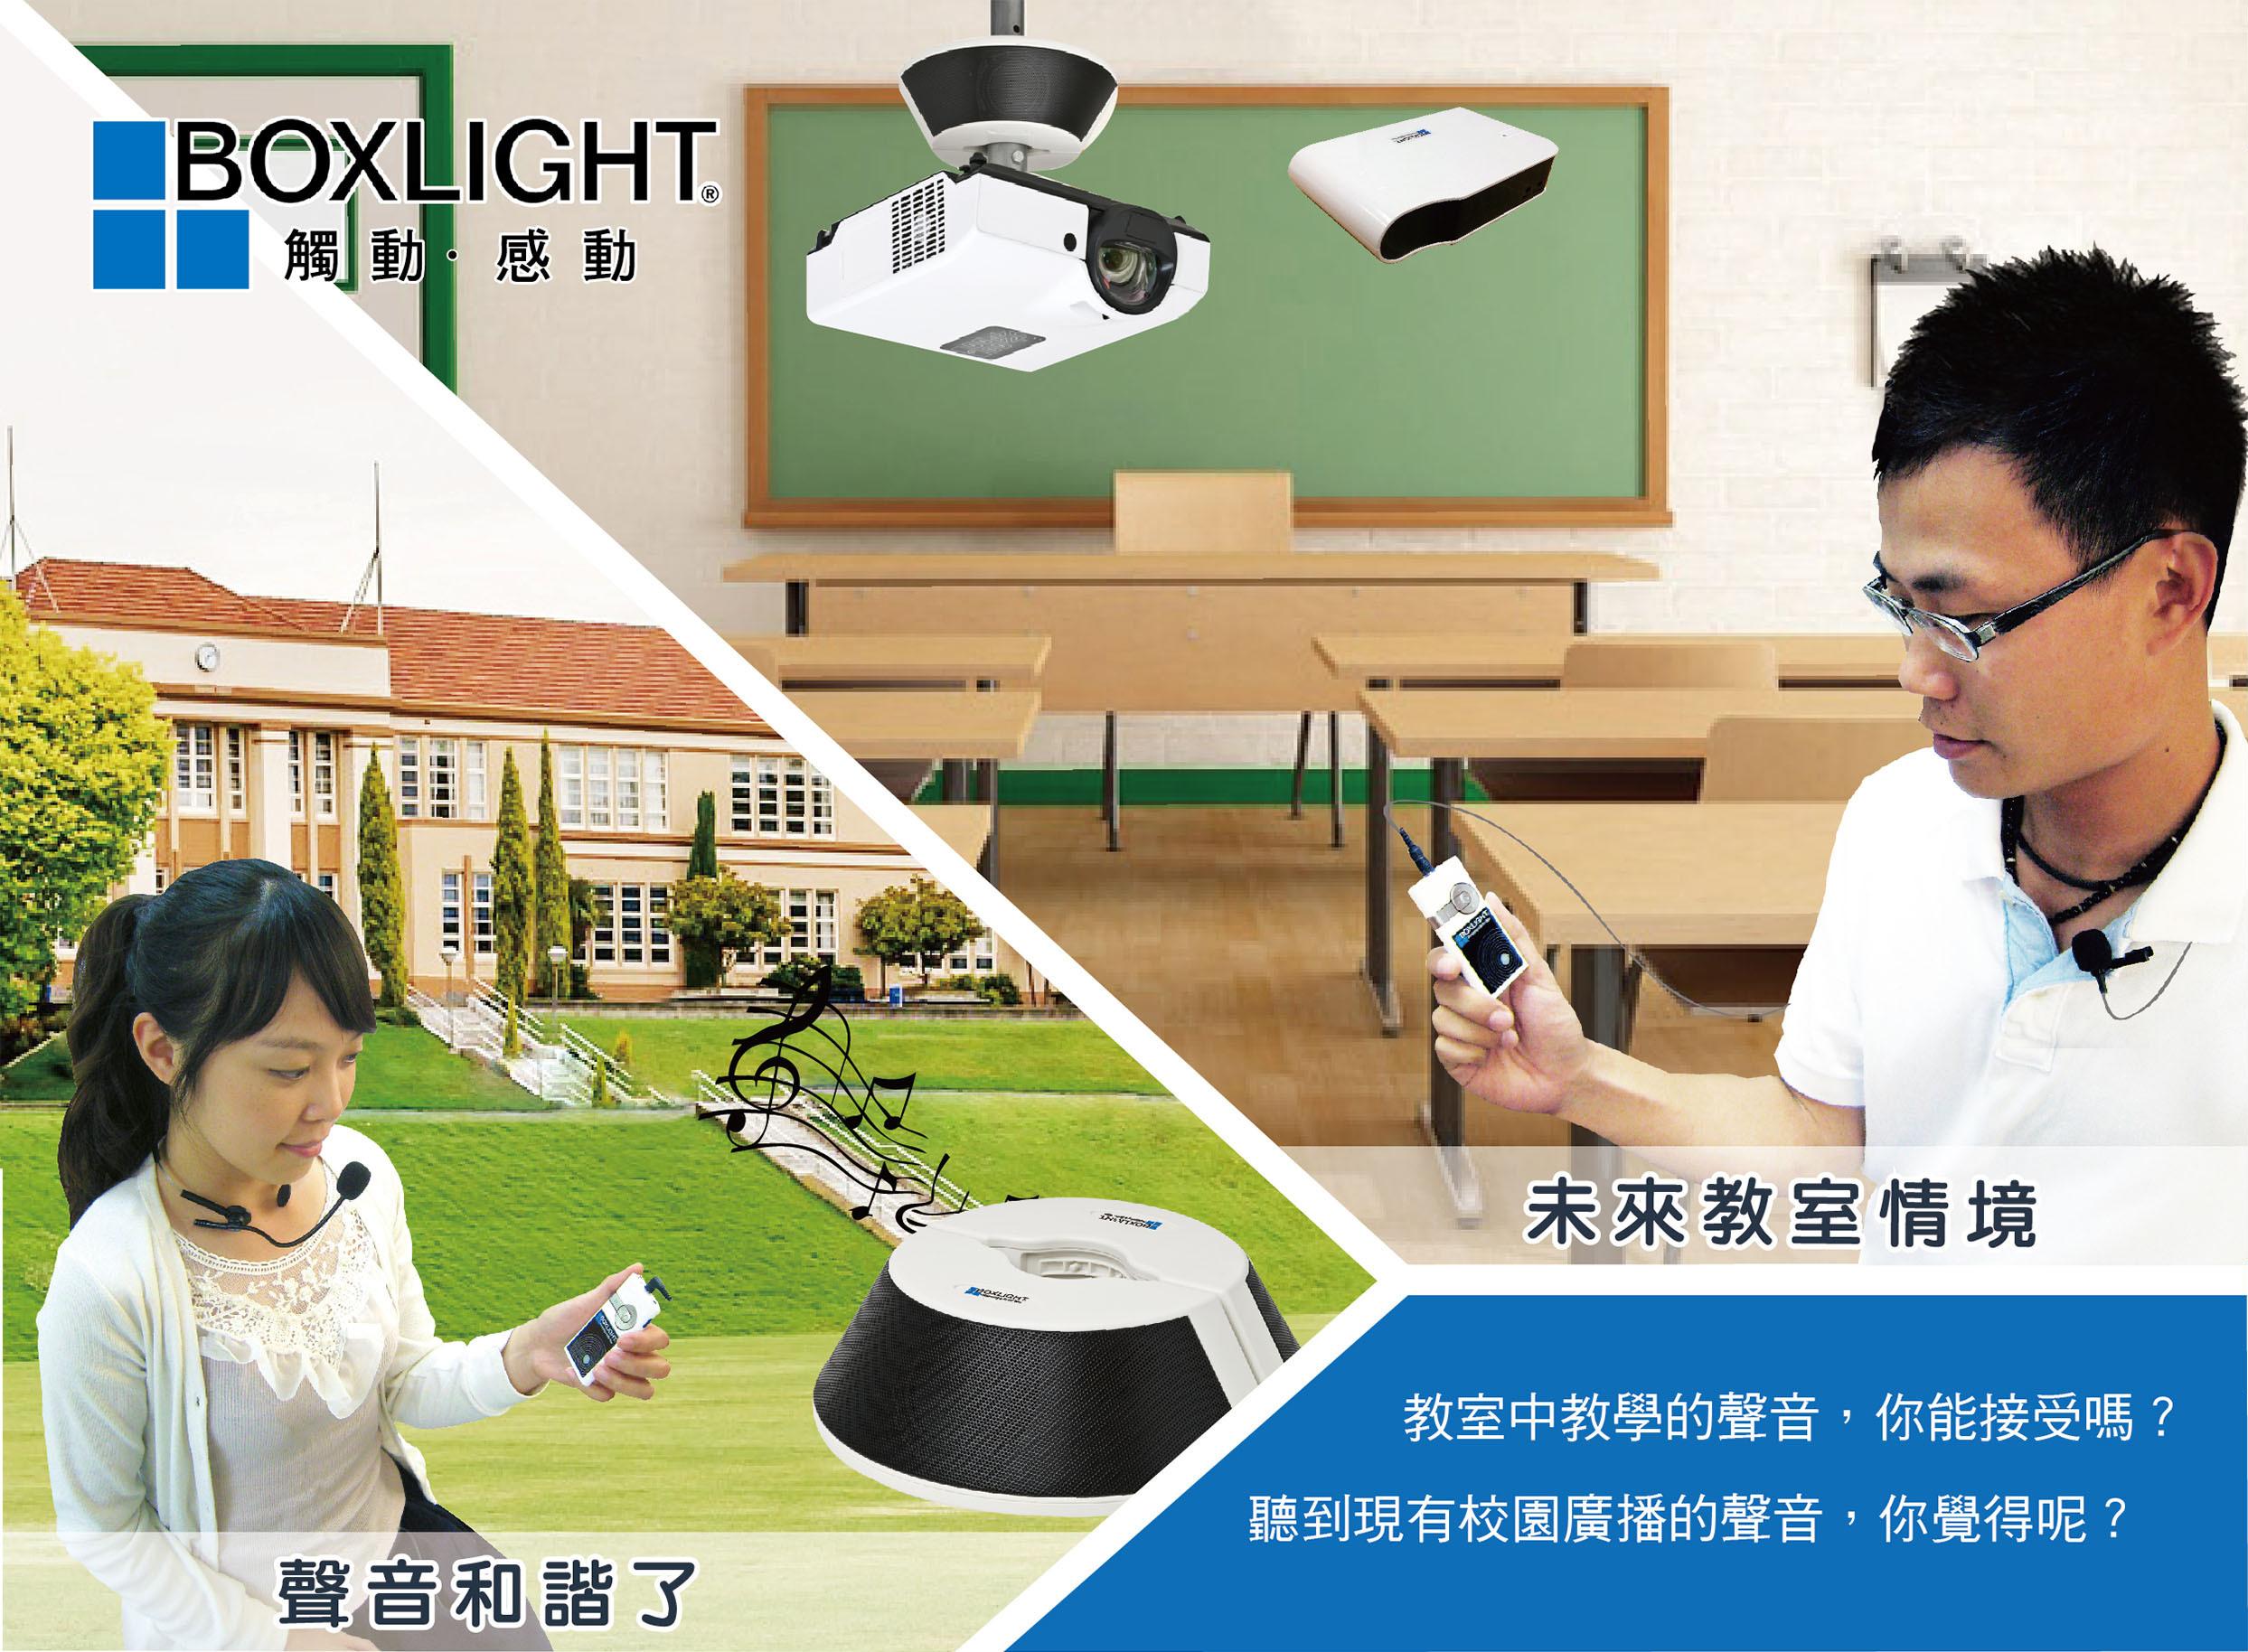 BOX LIGHT 英聽廣播教學系統